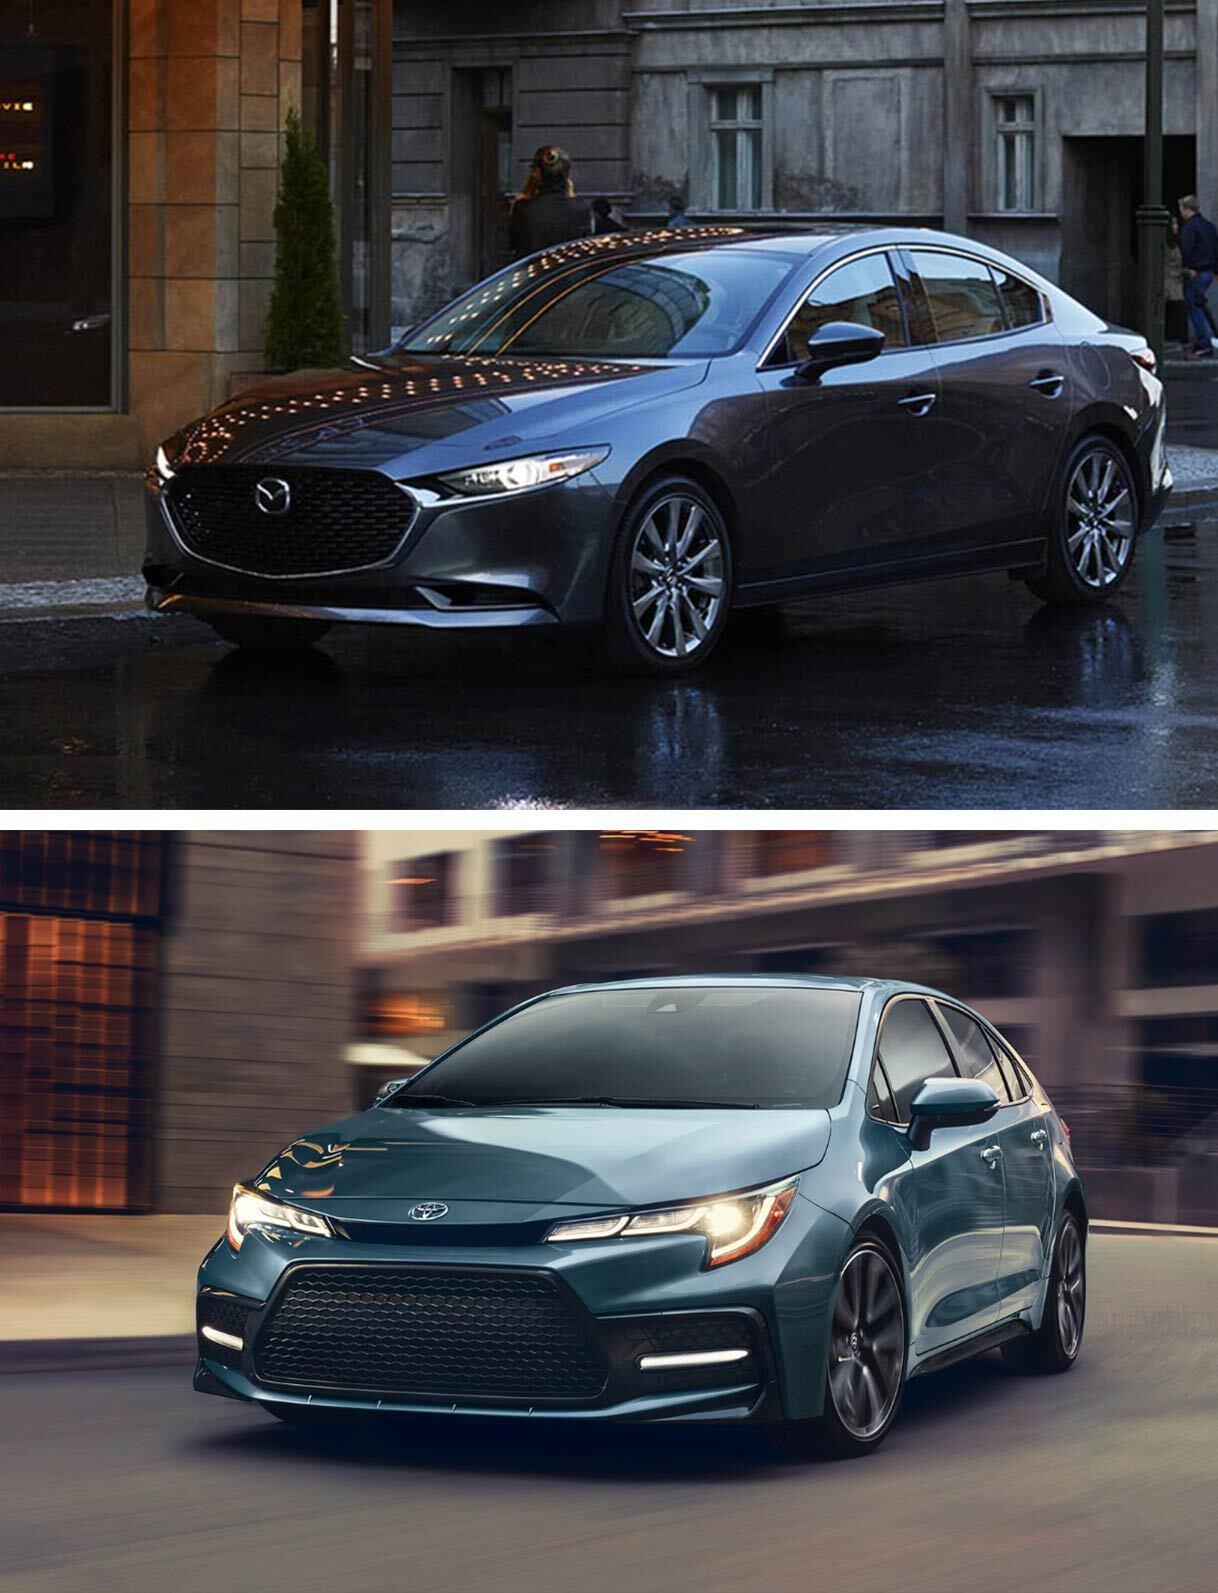 2019 Mazda 3 vs. 2019 Toyota Corolla